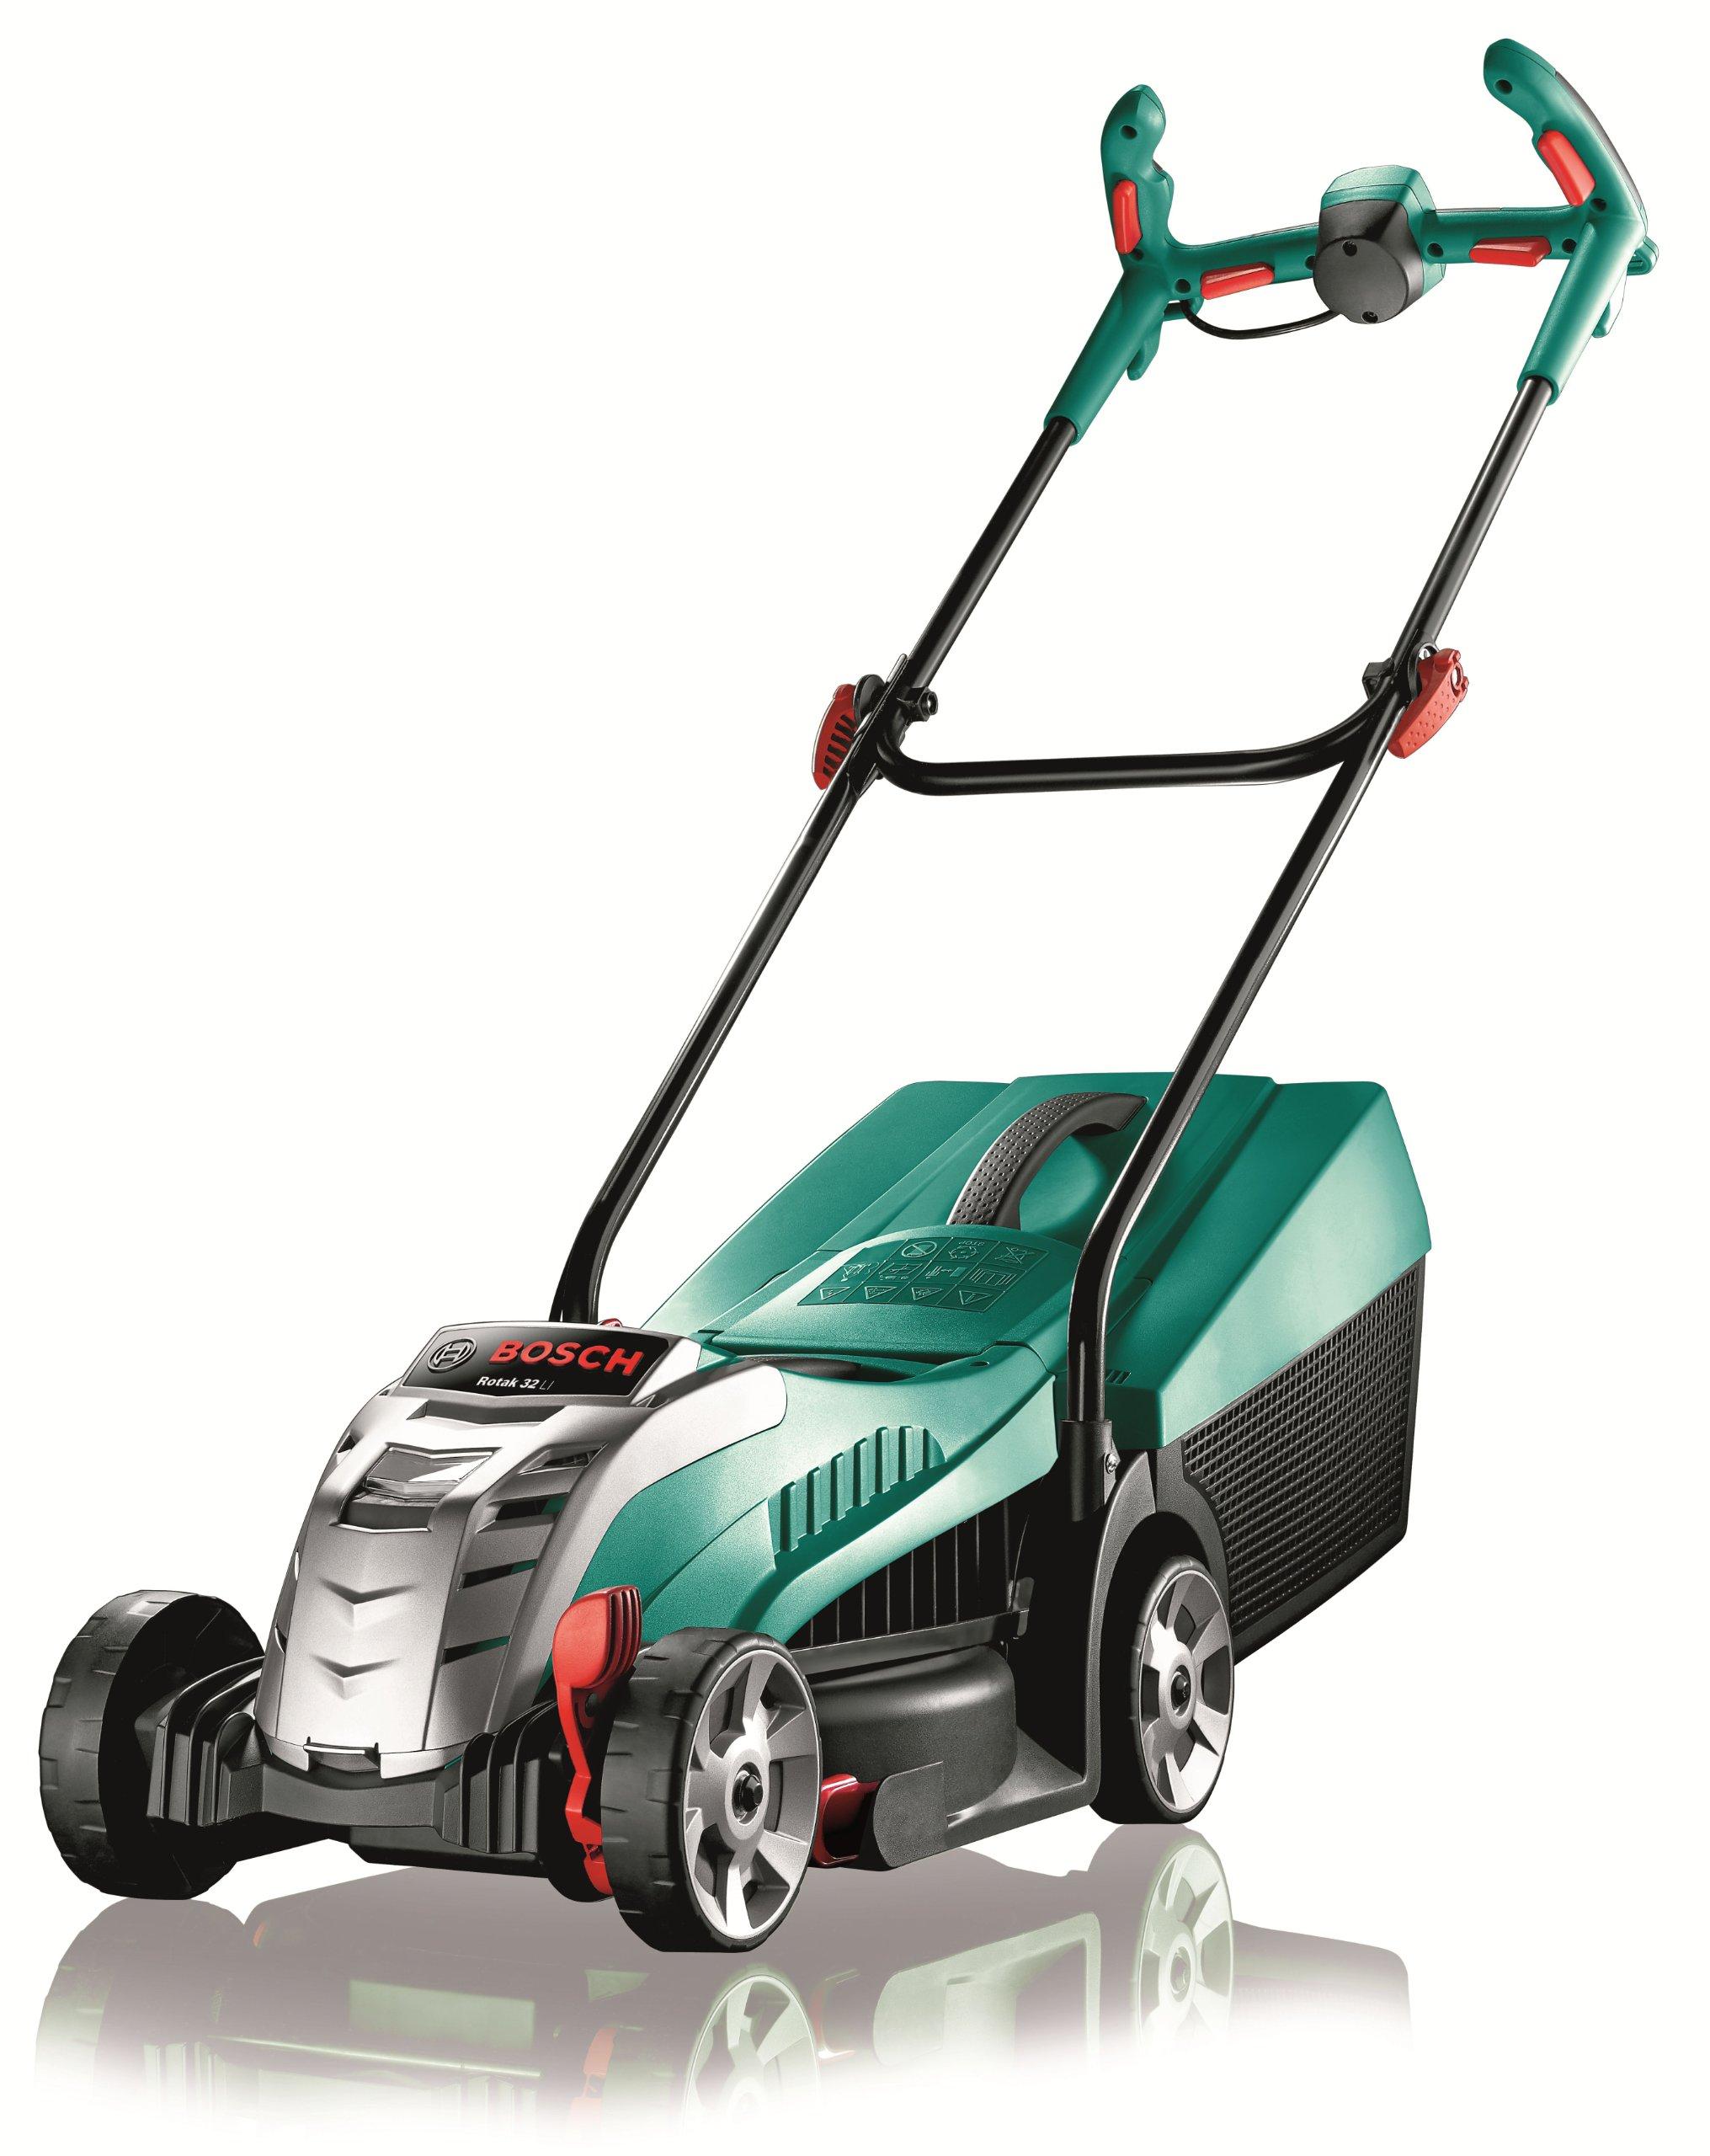 Bosch Rotak 32 Cordless Lawnmower LI High Power (battery, charger, 31-litre grass box, 36 V, cutting width/height: 32 cm/3-6 cm)